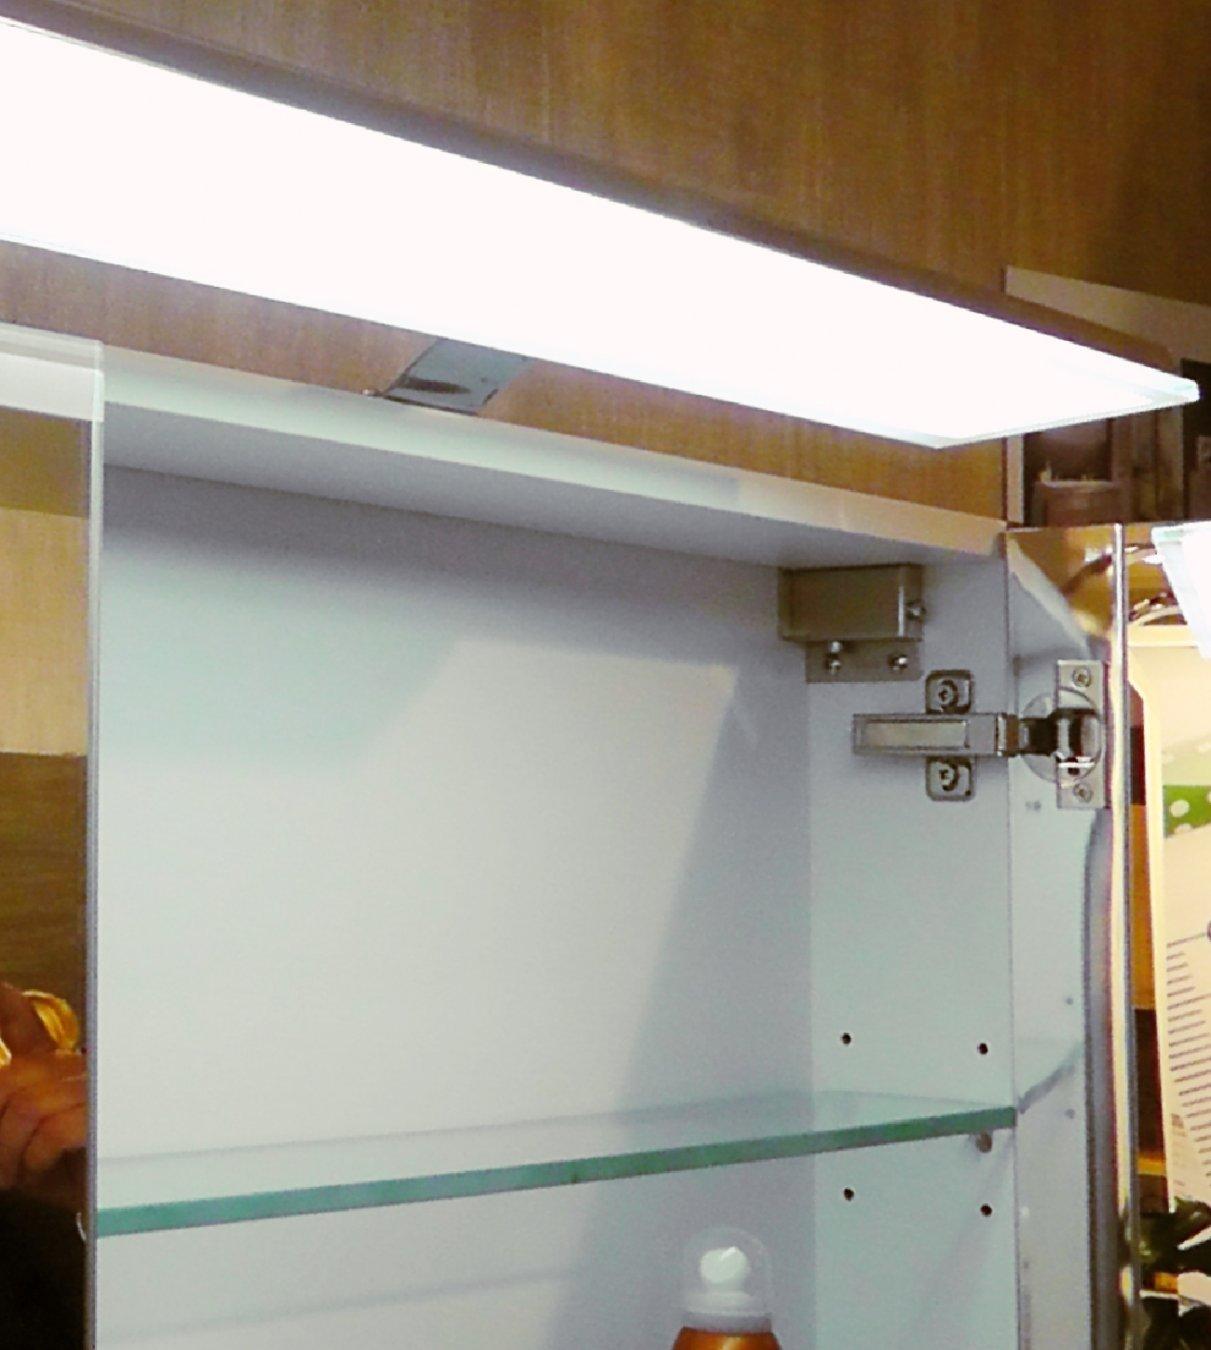 Marlin Bad 3090 - Cosmo 90 cm Variante 1 | Ablage Rechts